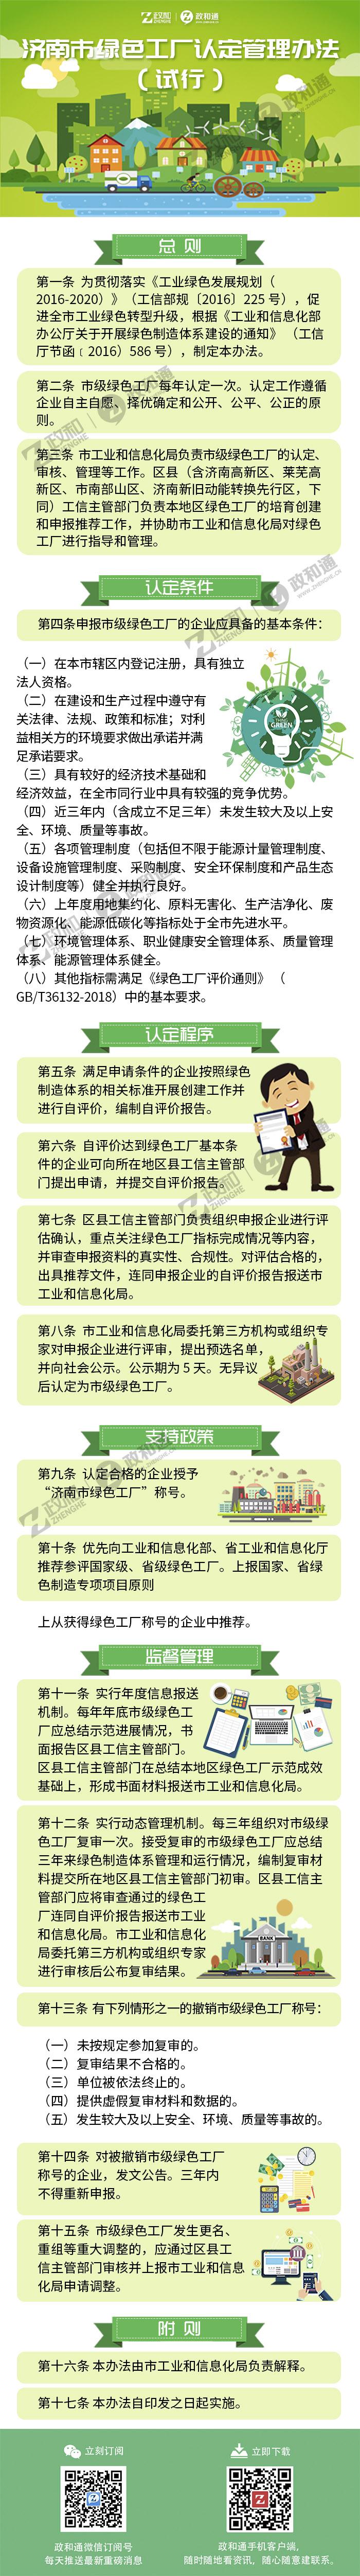 济南市绿色工厂认定管理办法(试行).jpg